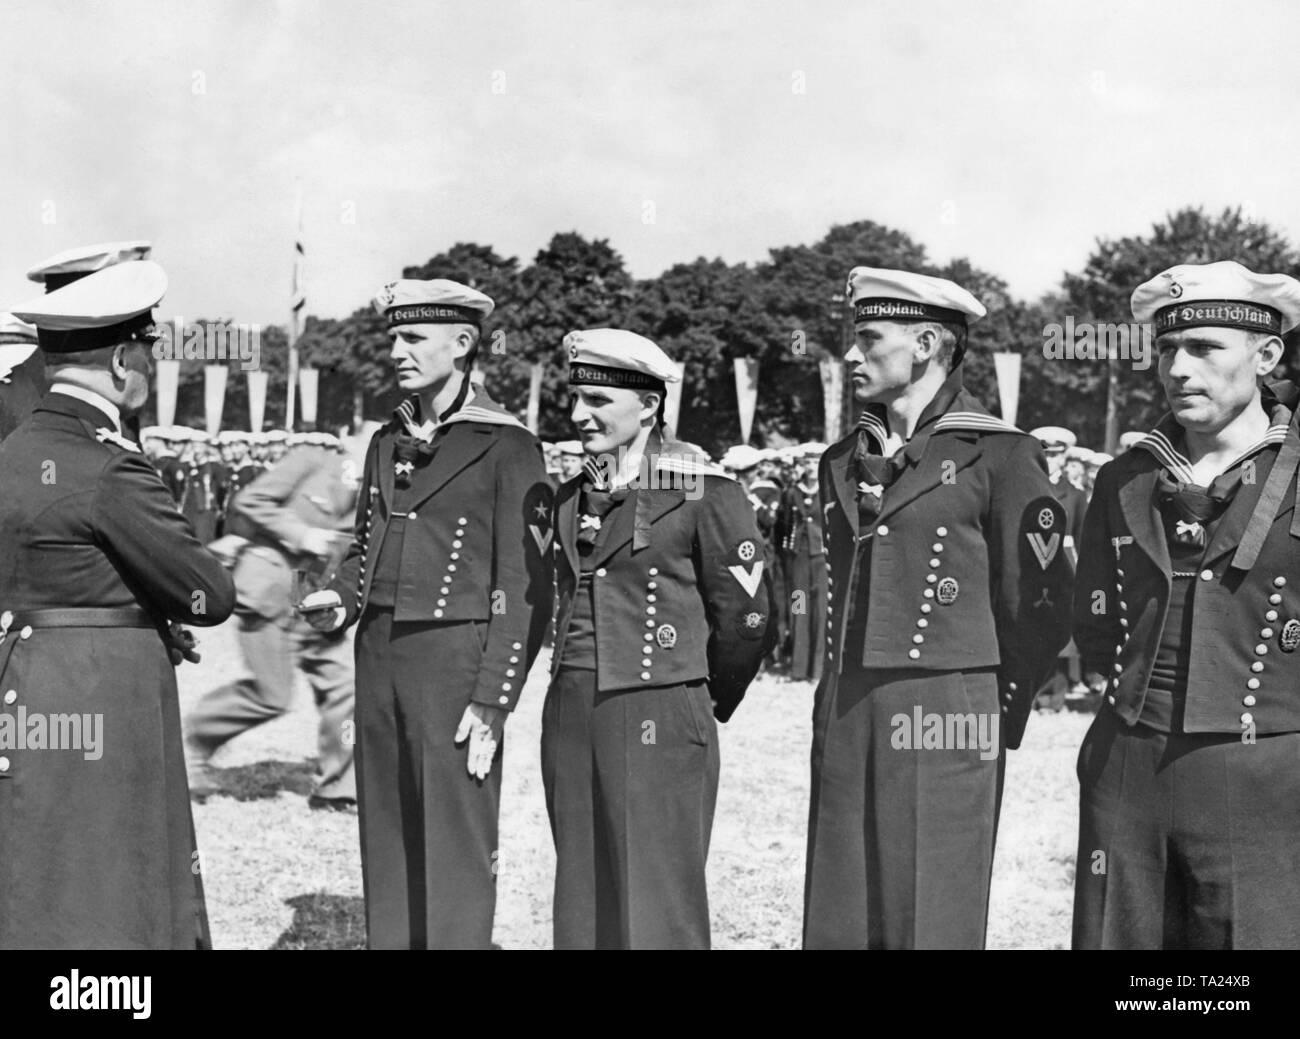 Grand Admiral Erich Raeder (links) ehrt Segler (Befreiung der Seeleute) der Deutschen cruiser 'Deutschland' der Kriegsmarine, die im Spanischen Bürgerkrieg gekämpft, in Doeberitz in der Nähe von Berlin am 5. Juni 1939. Im Hintergrund, ein Fotograf huscht durchs Bild. Stockbild